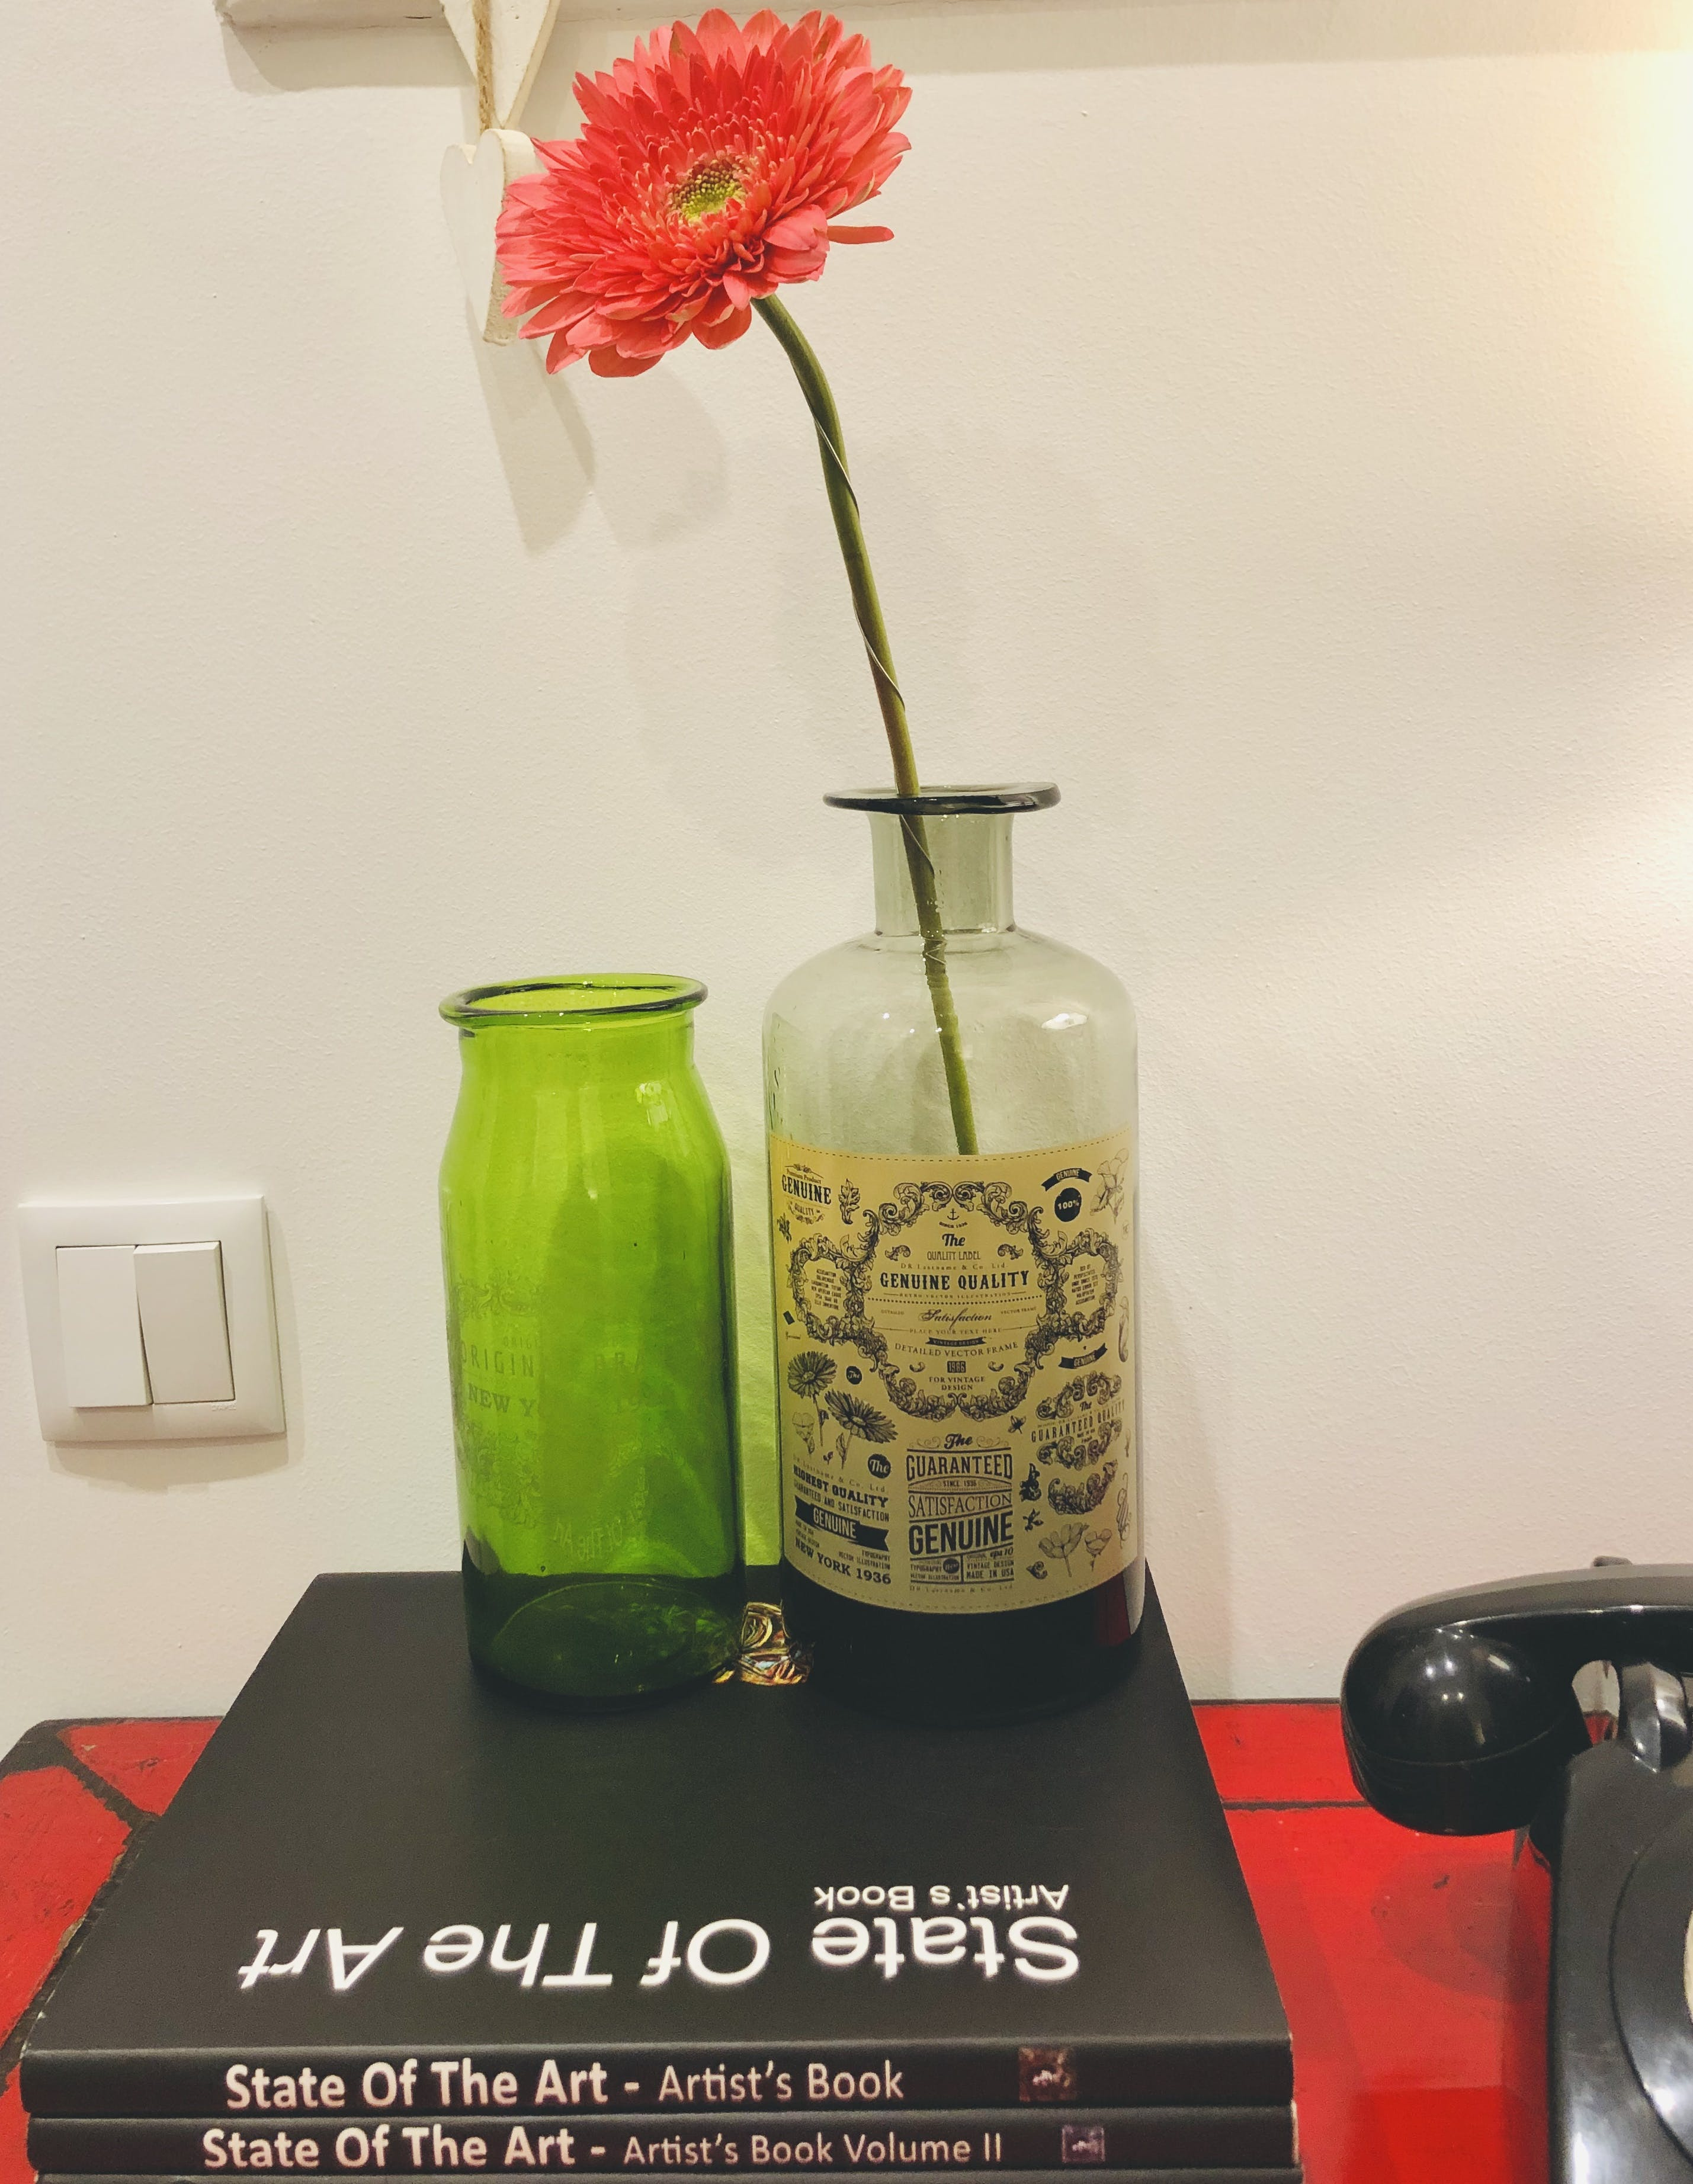 Δωρεάν στοκ φωτογραφιών με αγάπη, άνετο σπίτι, όμορφο λουλούδι, σπίτι μου σπιτάκι μου